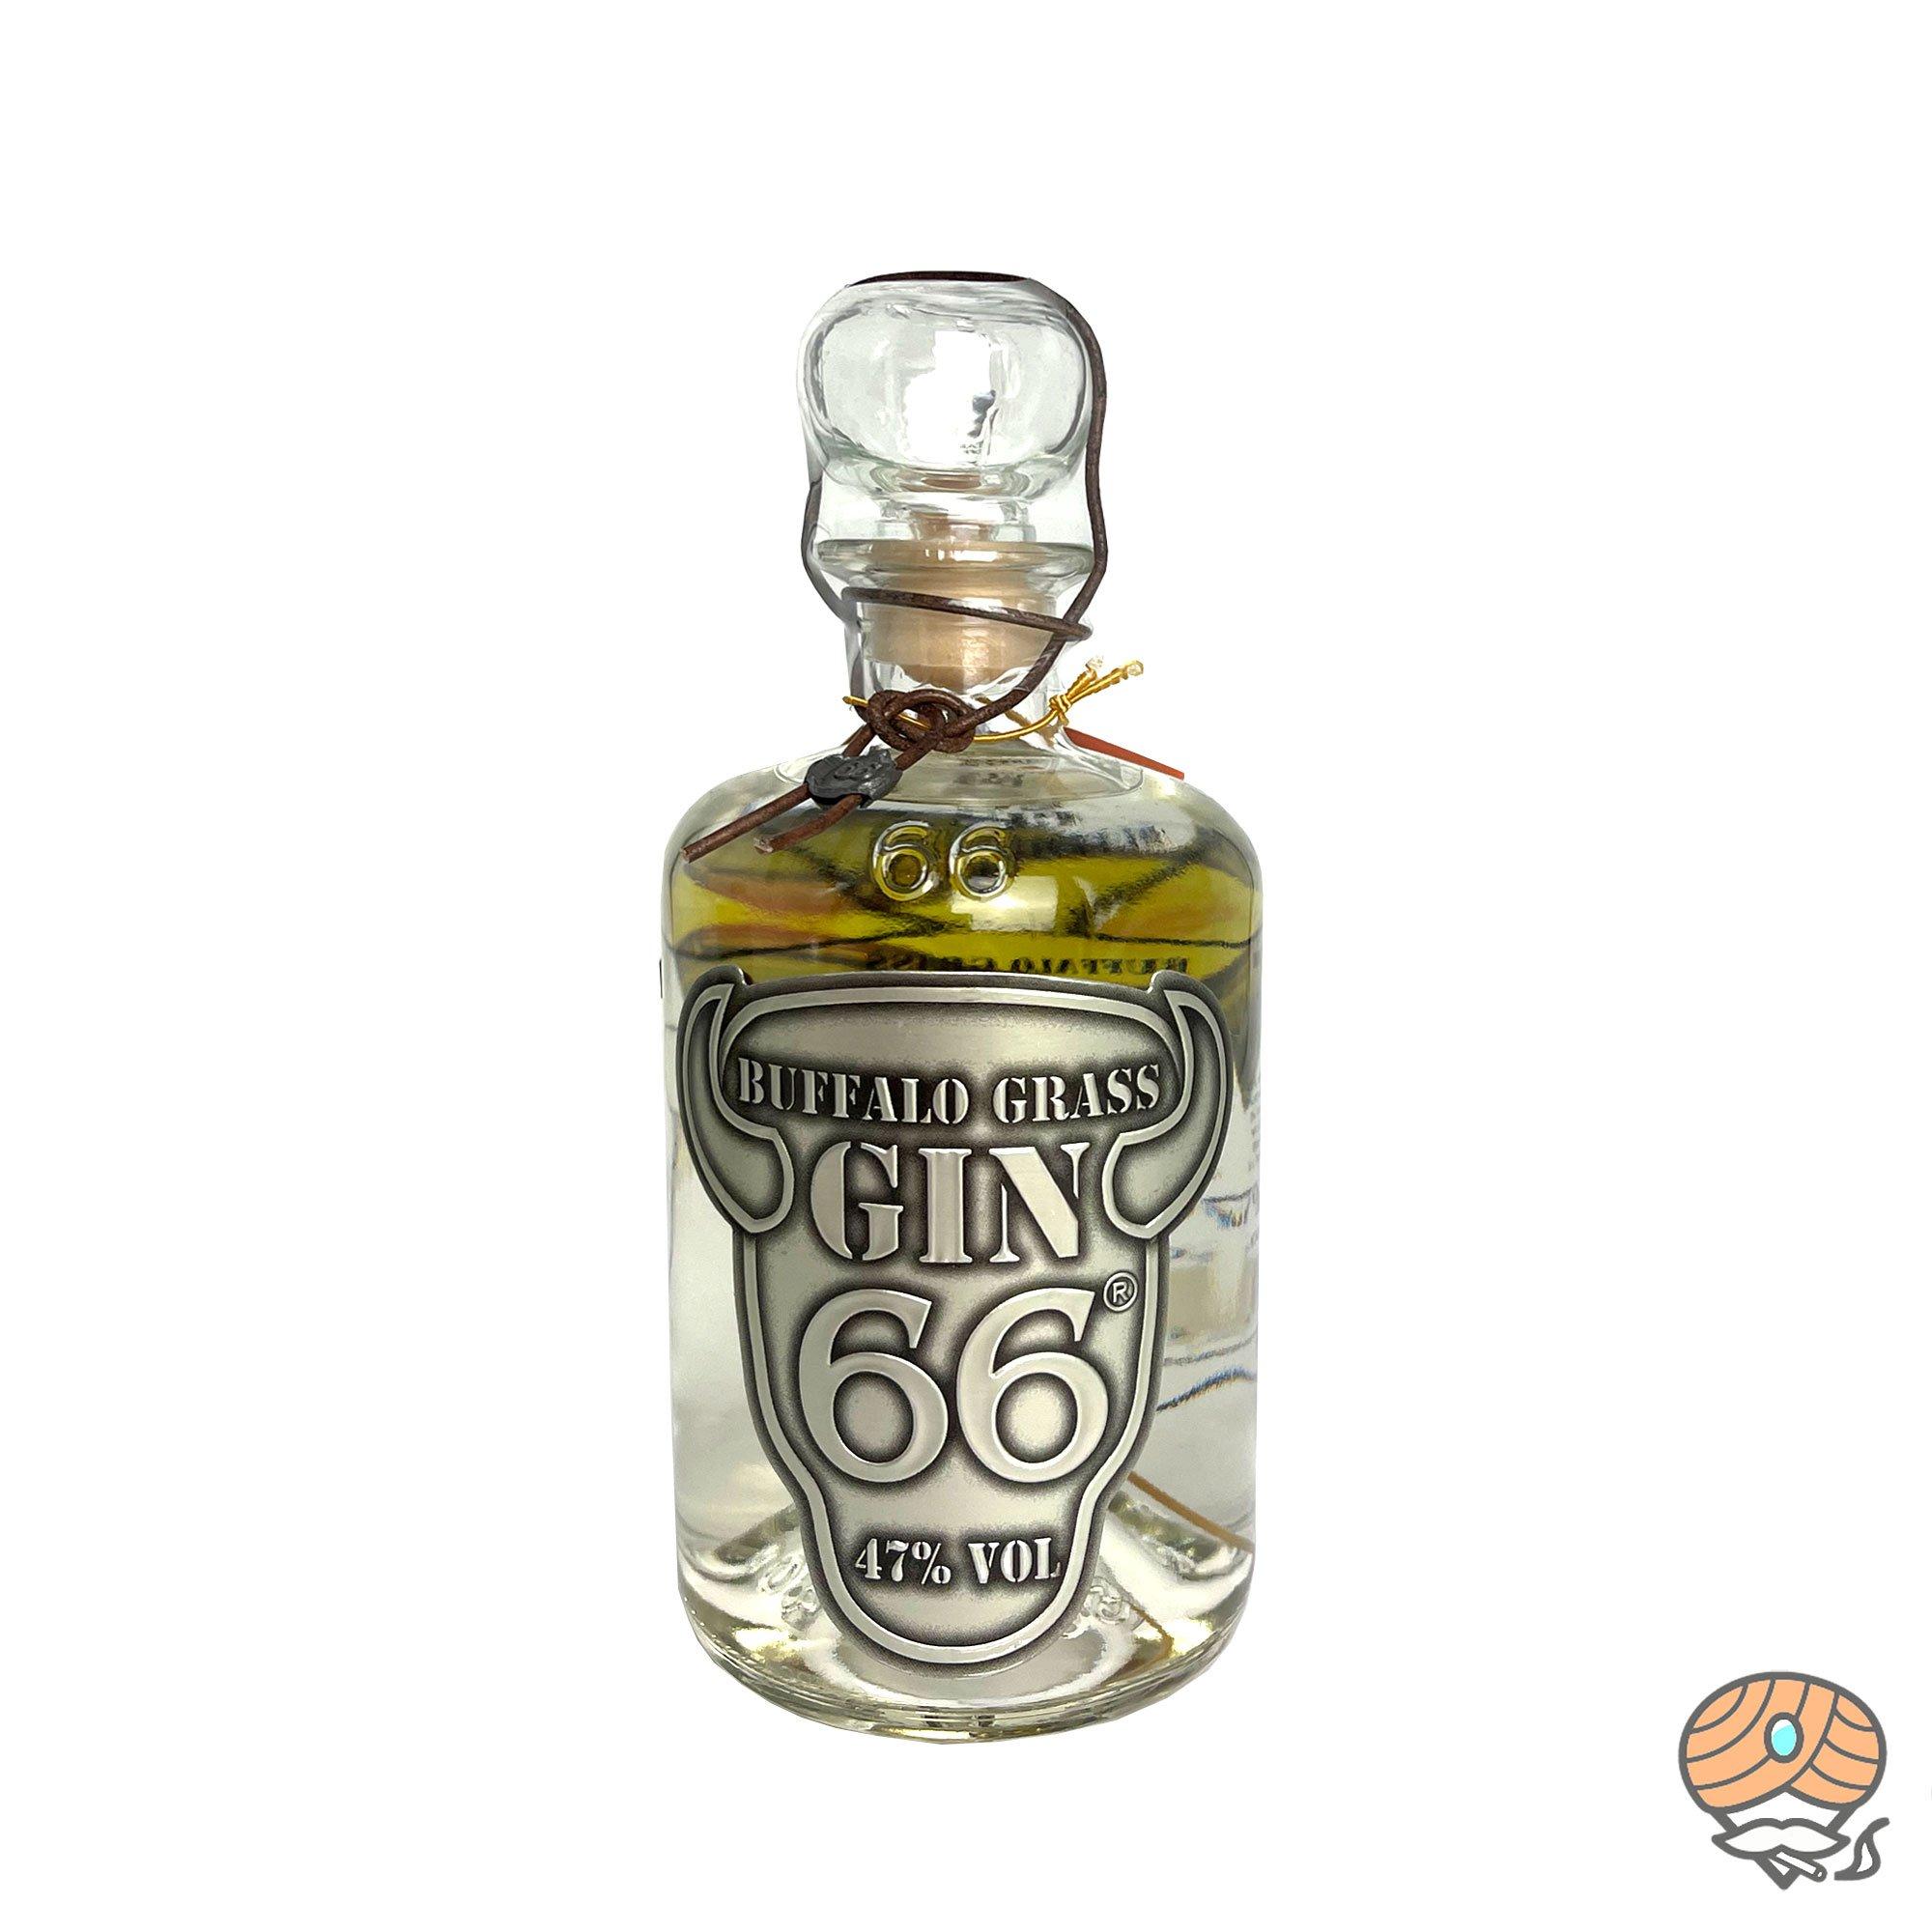 Gin 66 Buffalo Grass Inhalt 500ml, 47% Vol alc.